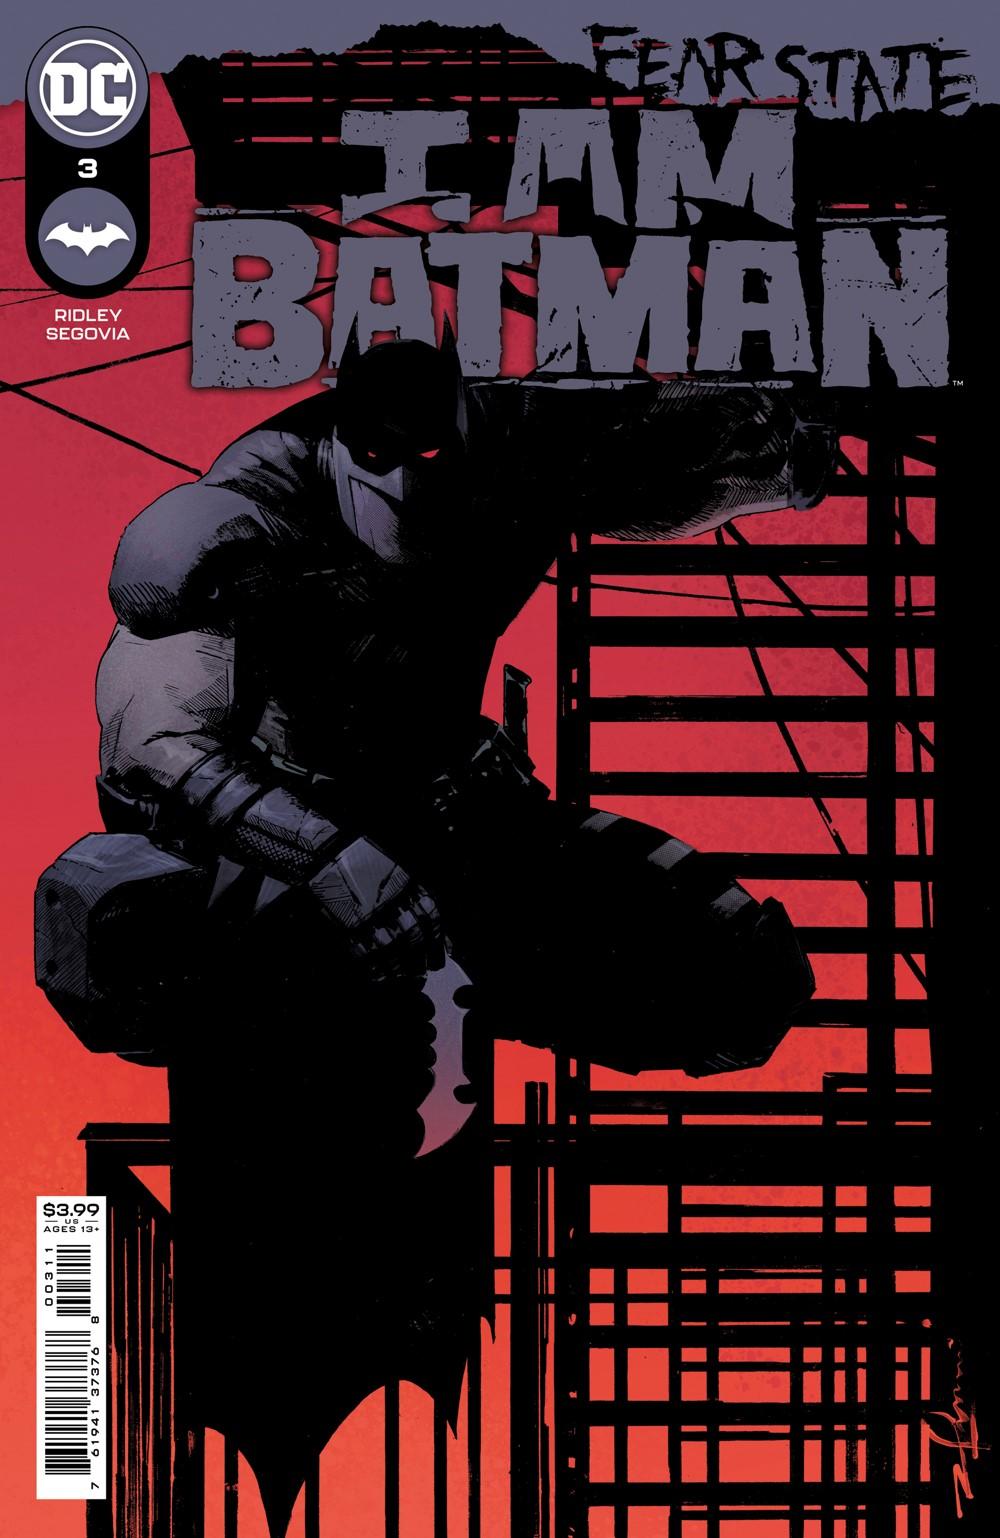 I_AM_BM_Cv3 DC Comics November 2021 Solicitations